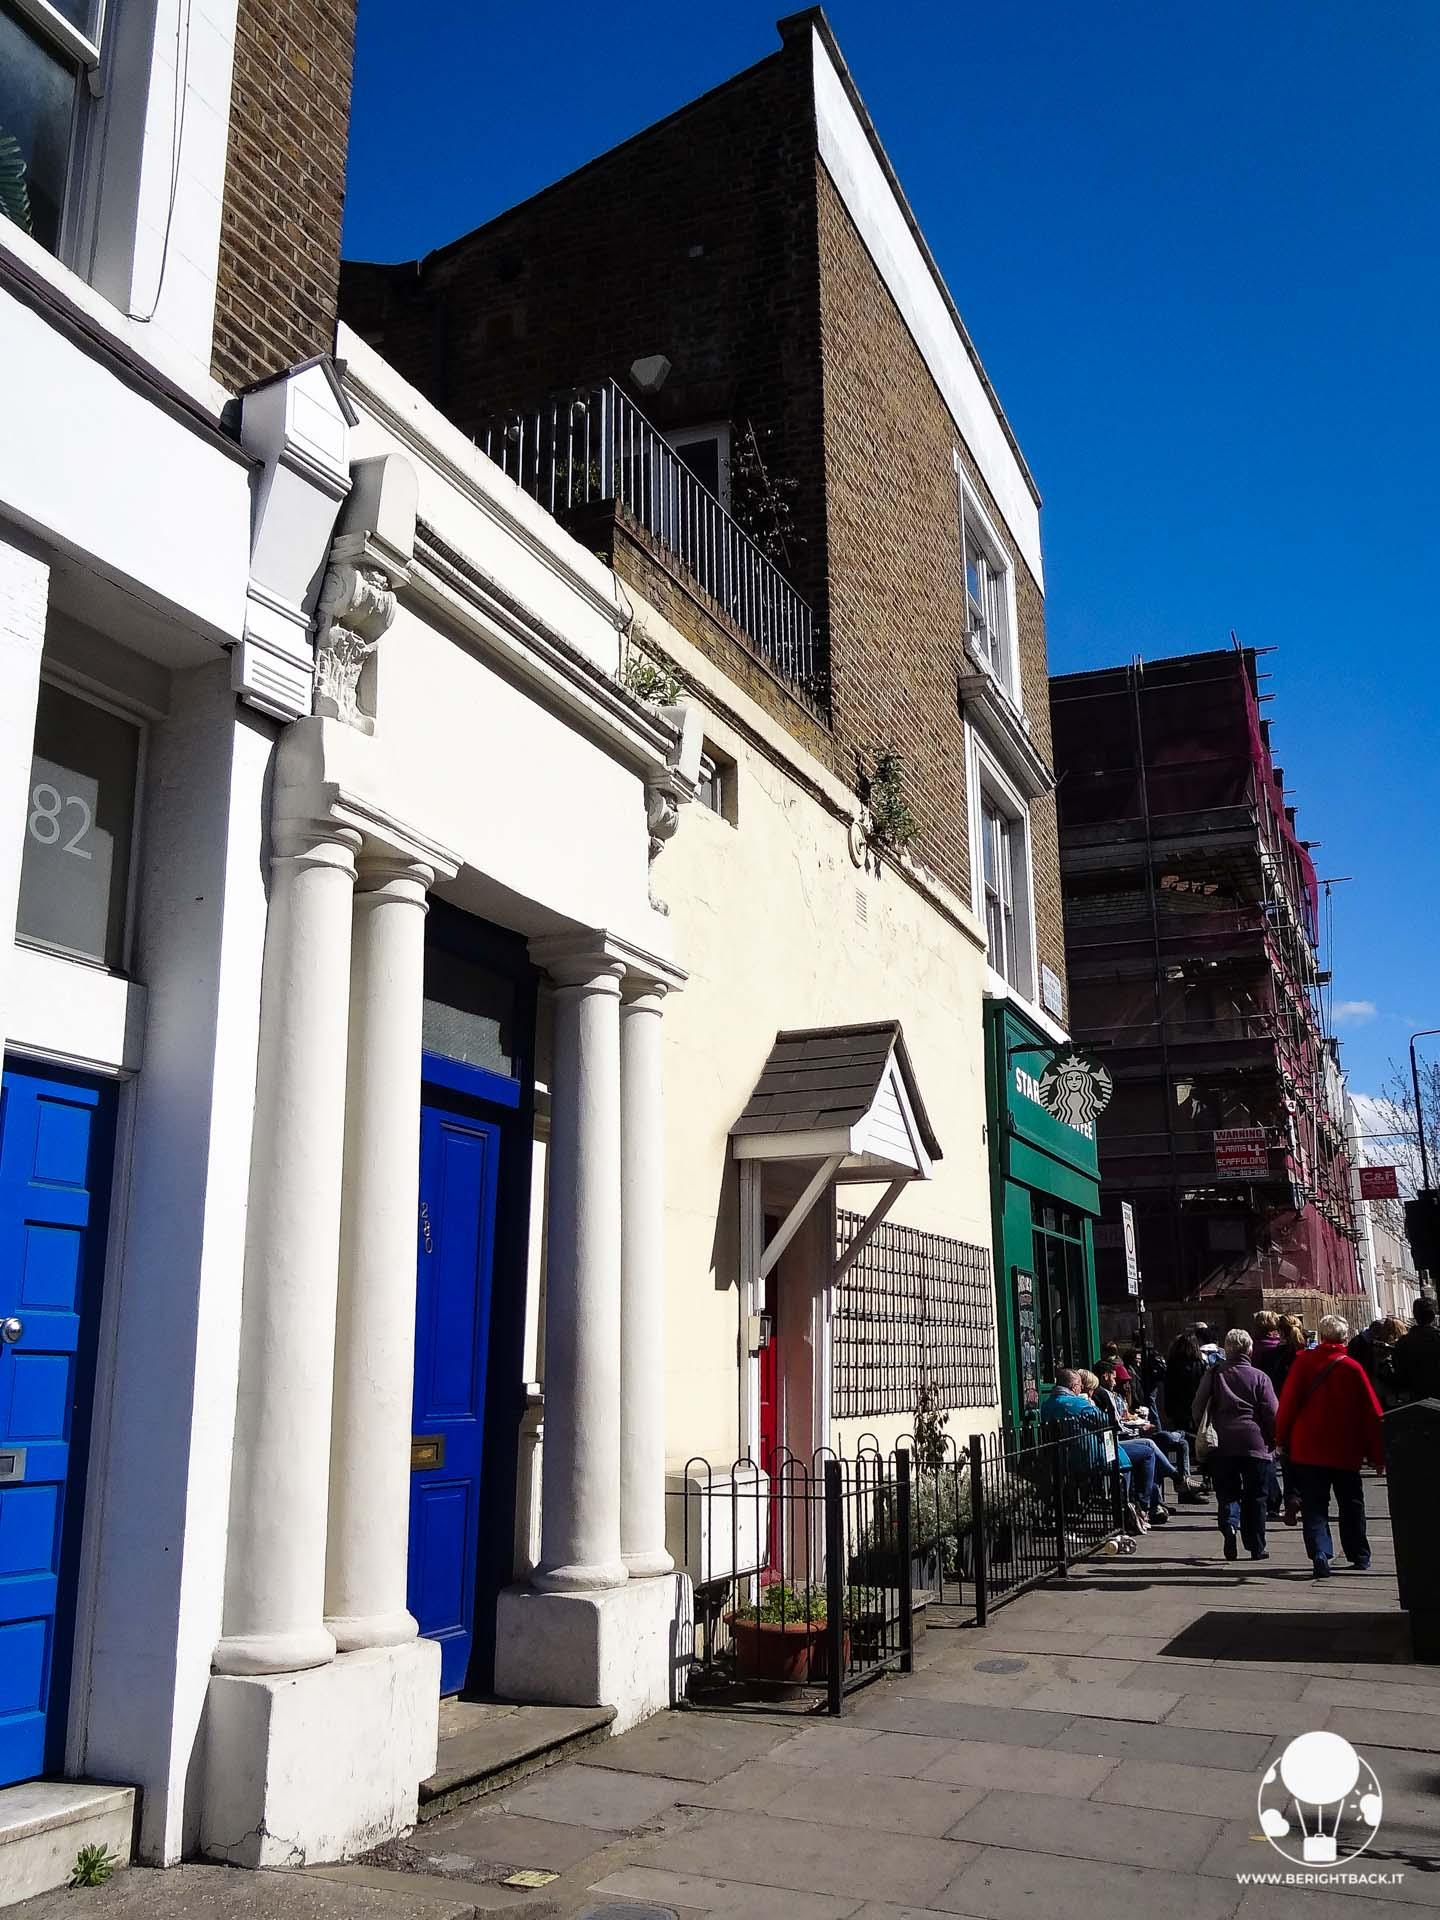 notting hill londra blue door casa william tacker high grant